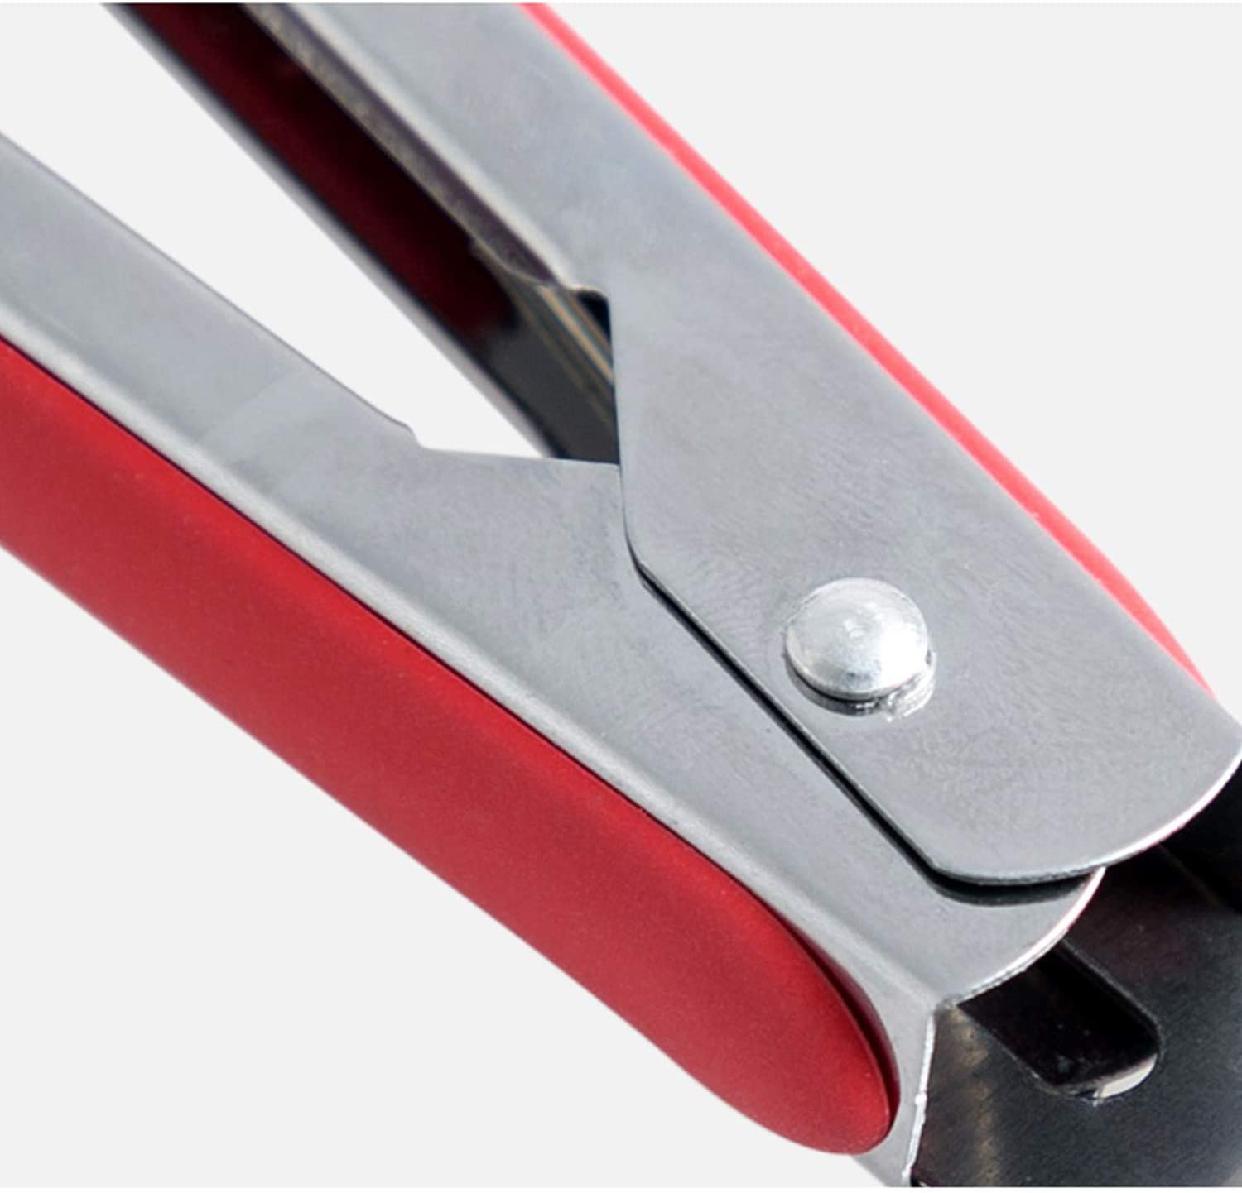 LOKIPA(ロキパ) トング シリコン 3サイズセットの商品画像5